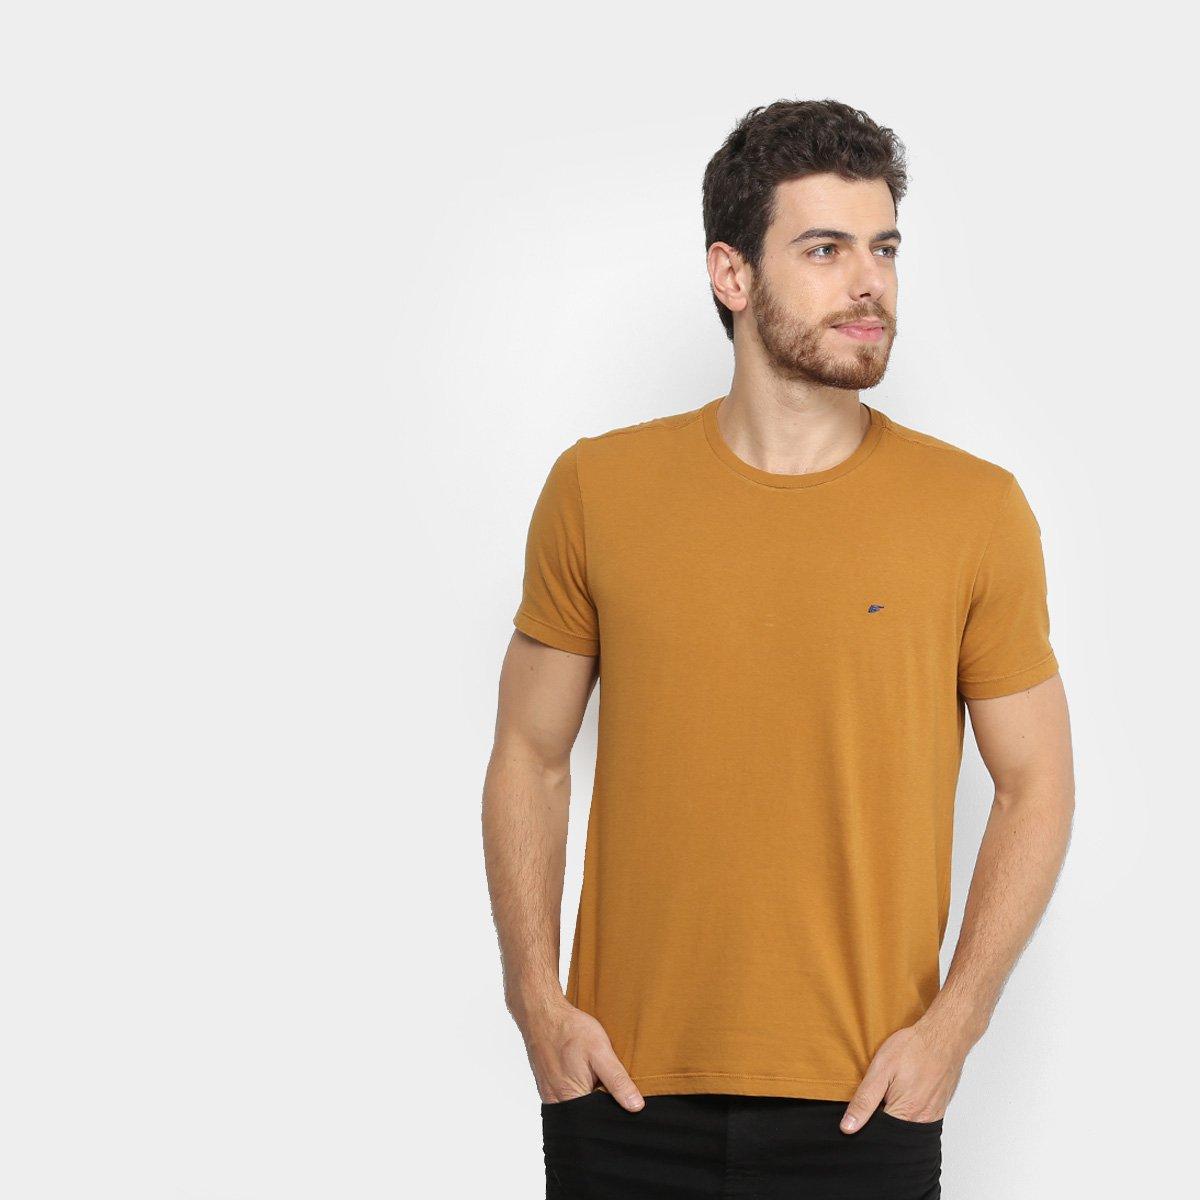 2576524160f19 Camiseta Ellus Cotton Fine Asa Classic Masculina - Marrom Claro - Compre  Agora